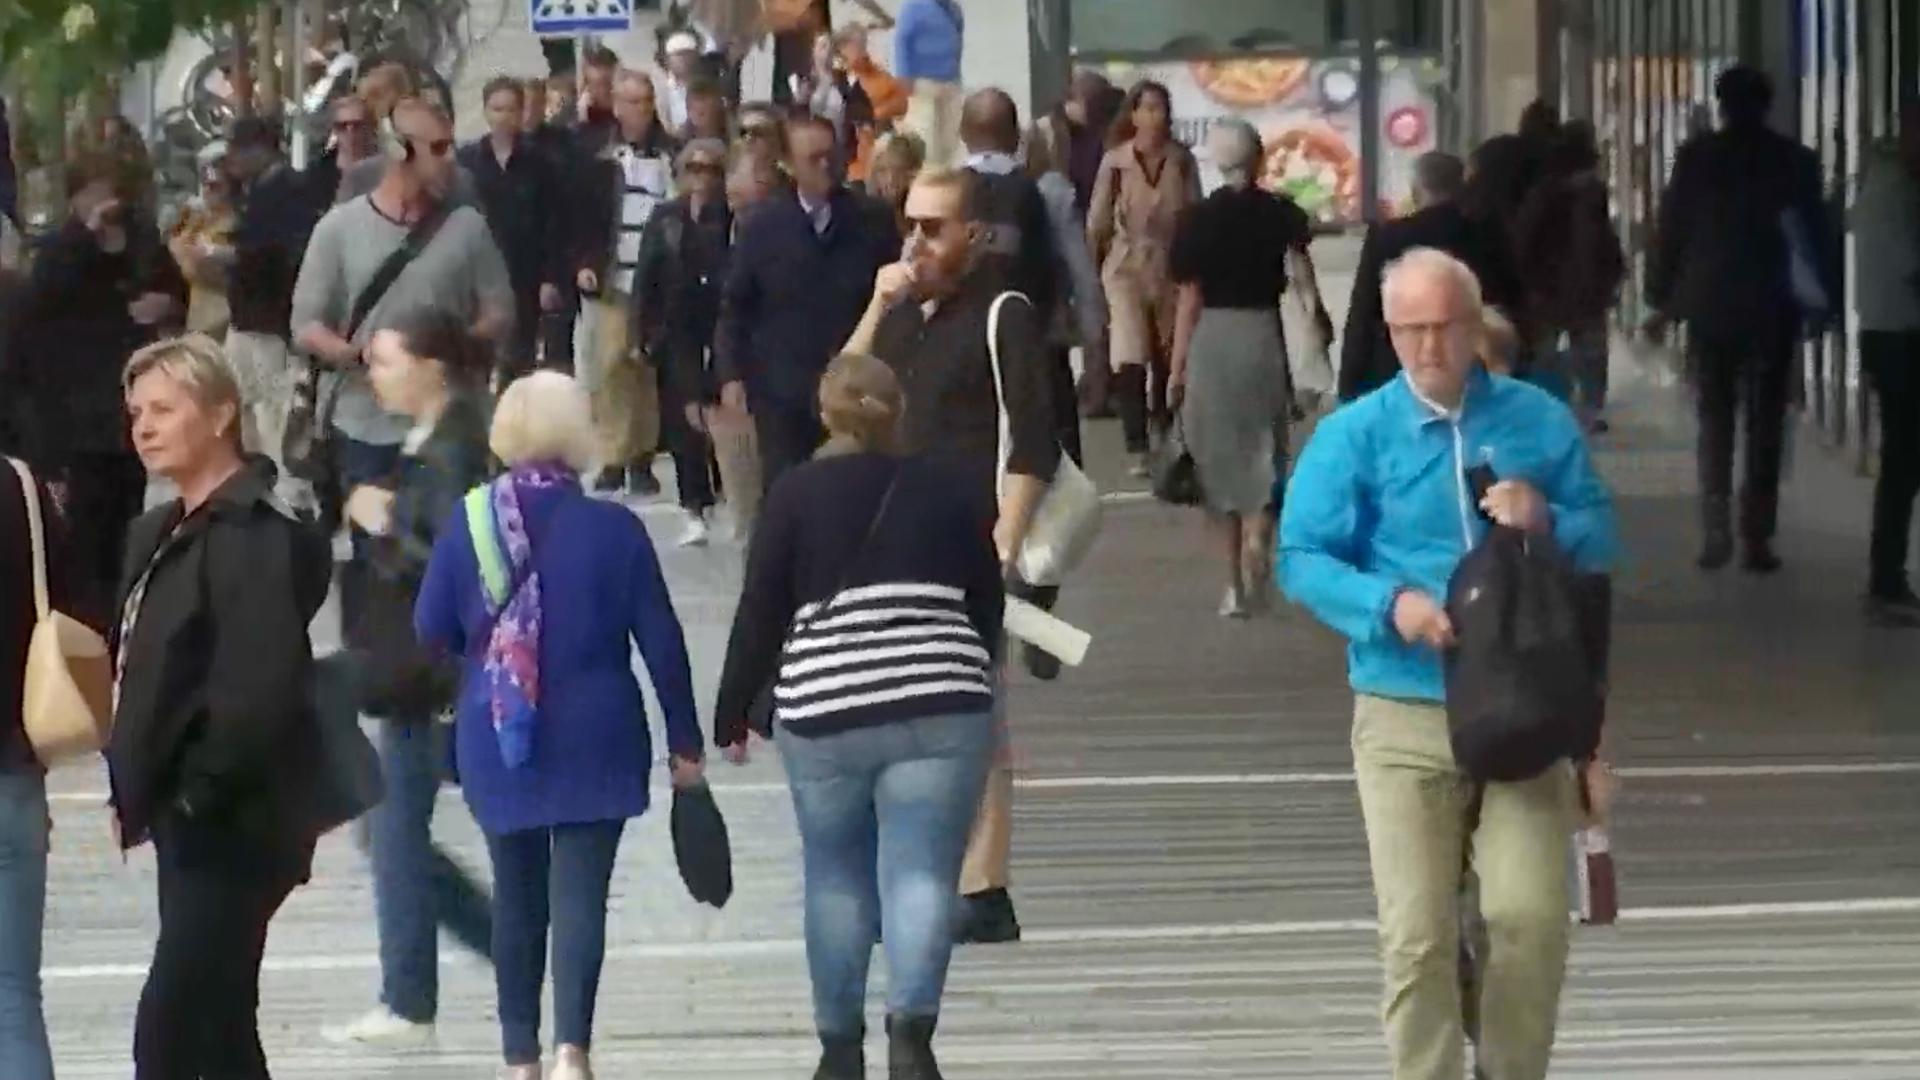 瑞典上班文化及民眾自律防疫有效應對疫情